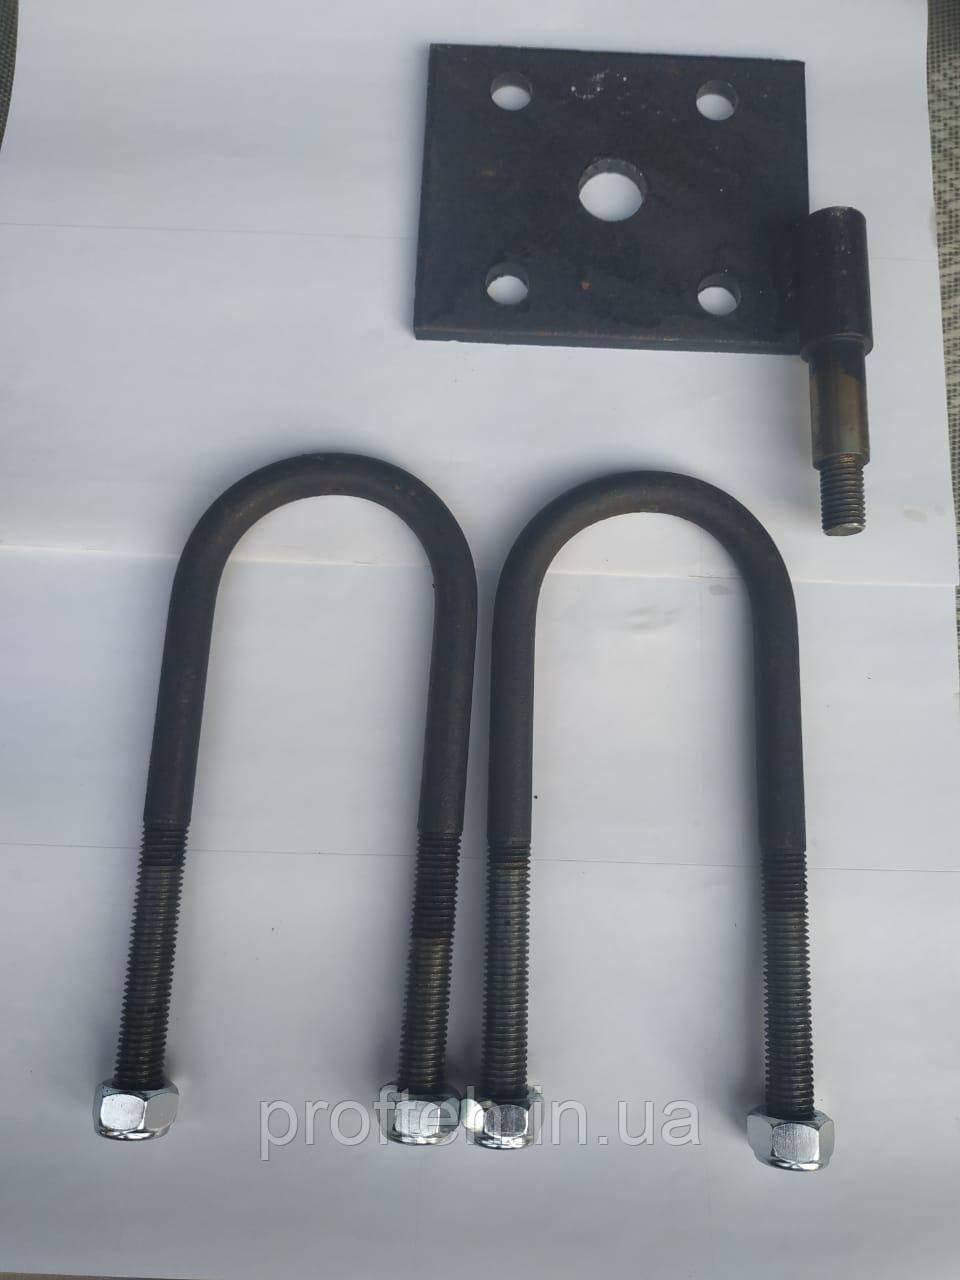 Комплект стремянок на трубу 48 мм под волговскую (60 мм) рессору с креплением под амортизатор